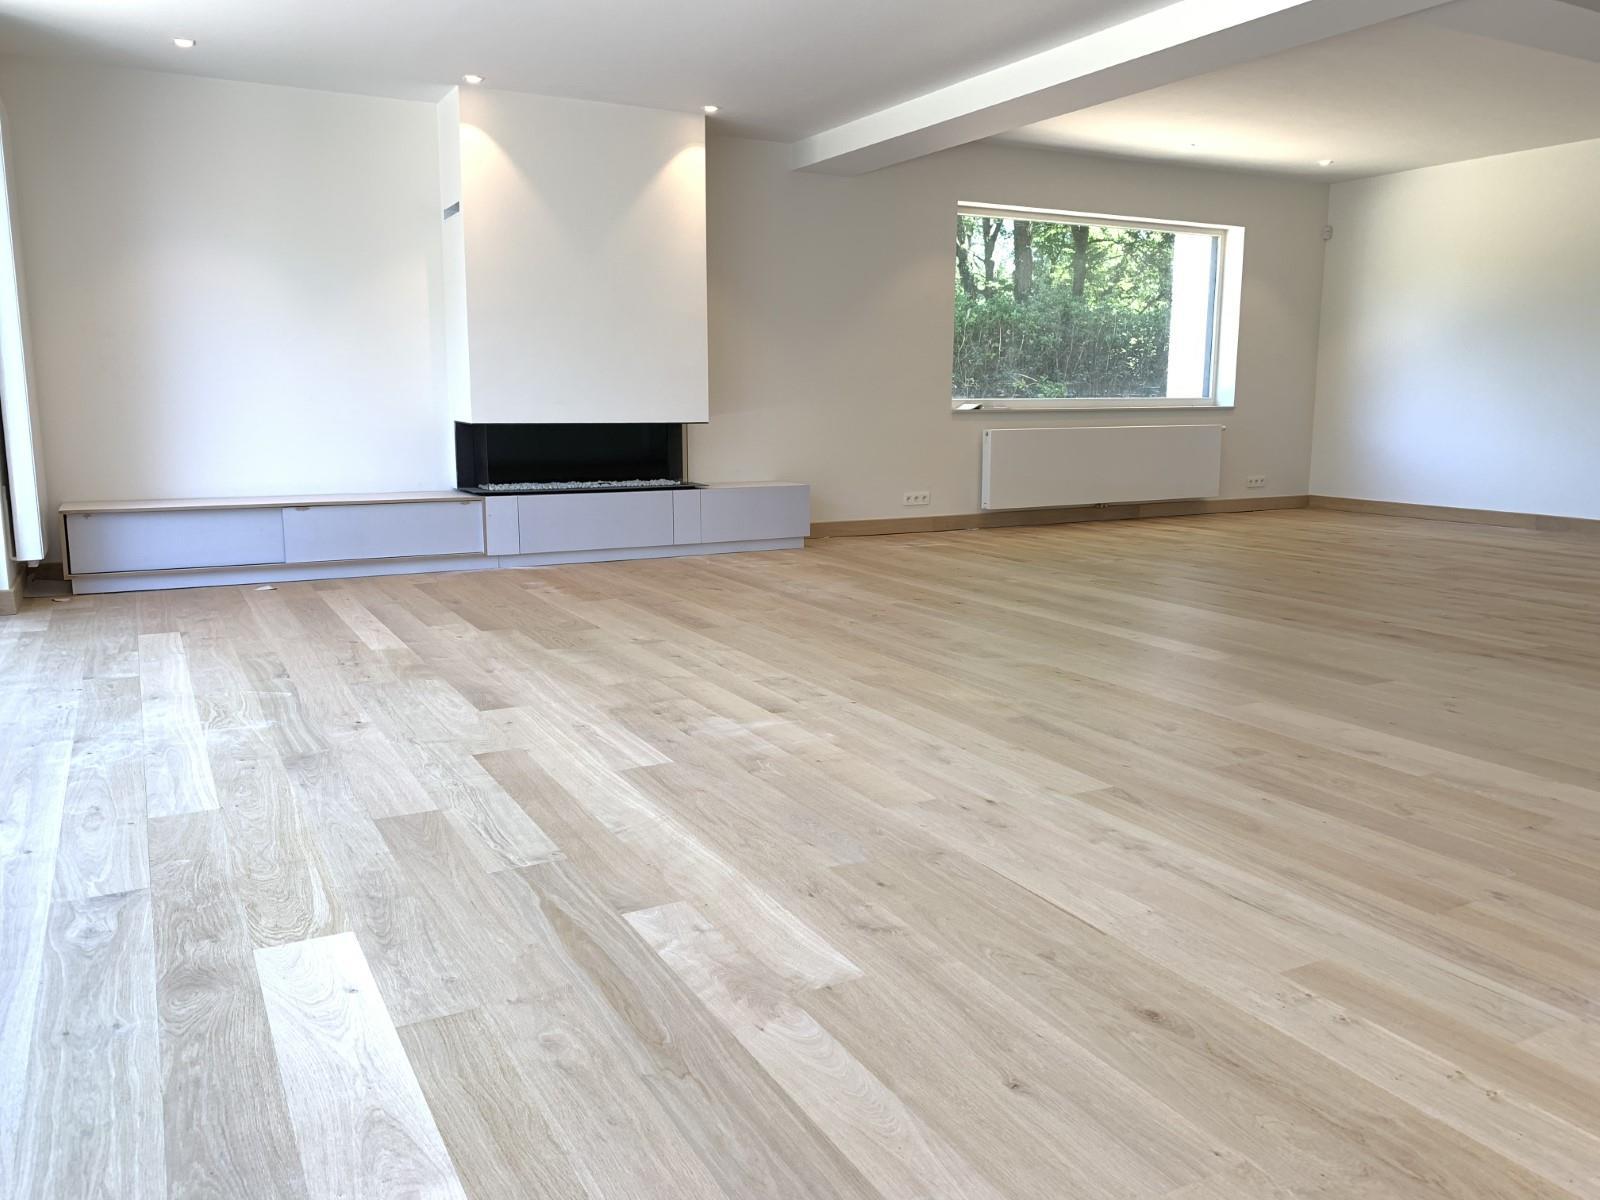 Villa - Uccle - #3965179-2